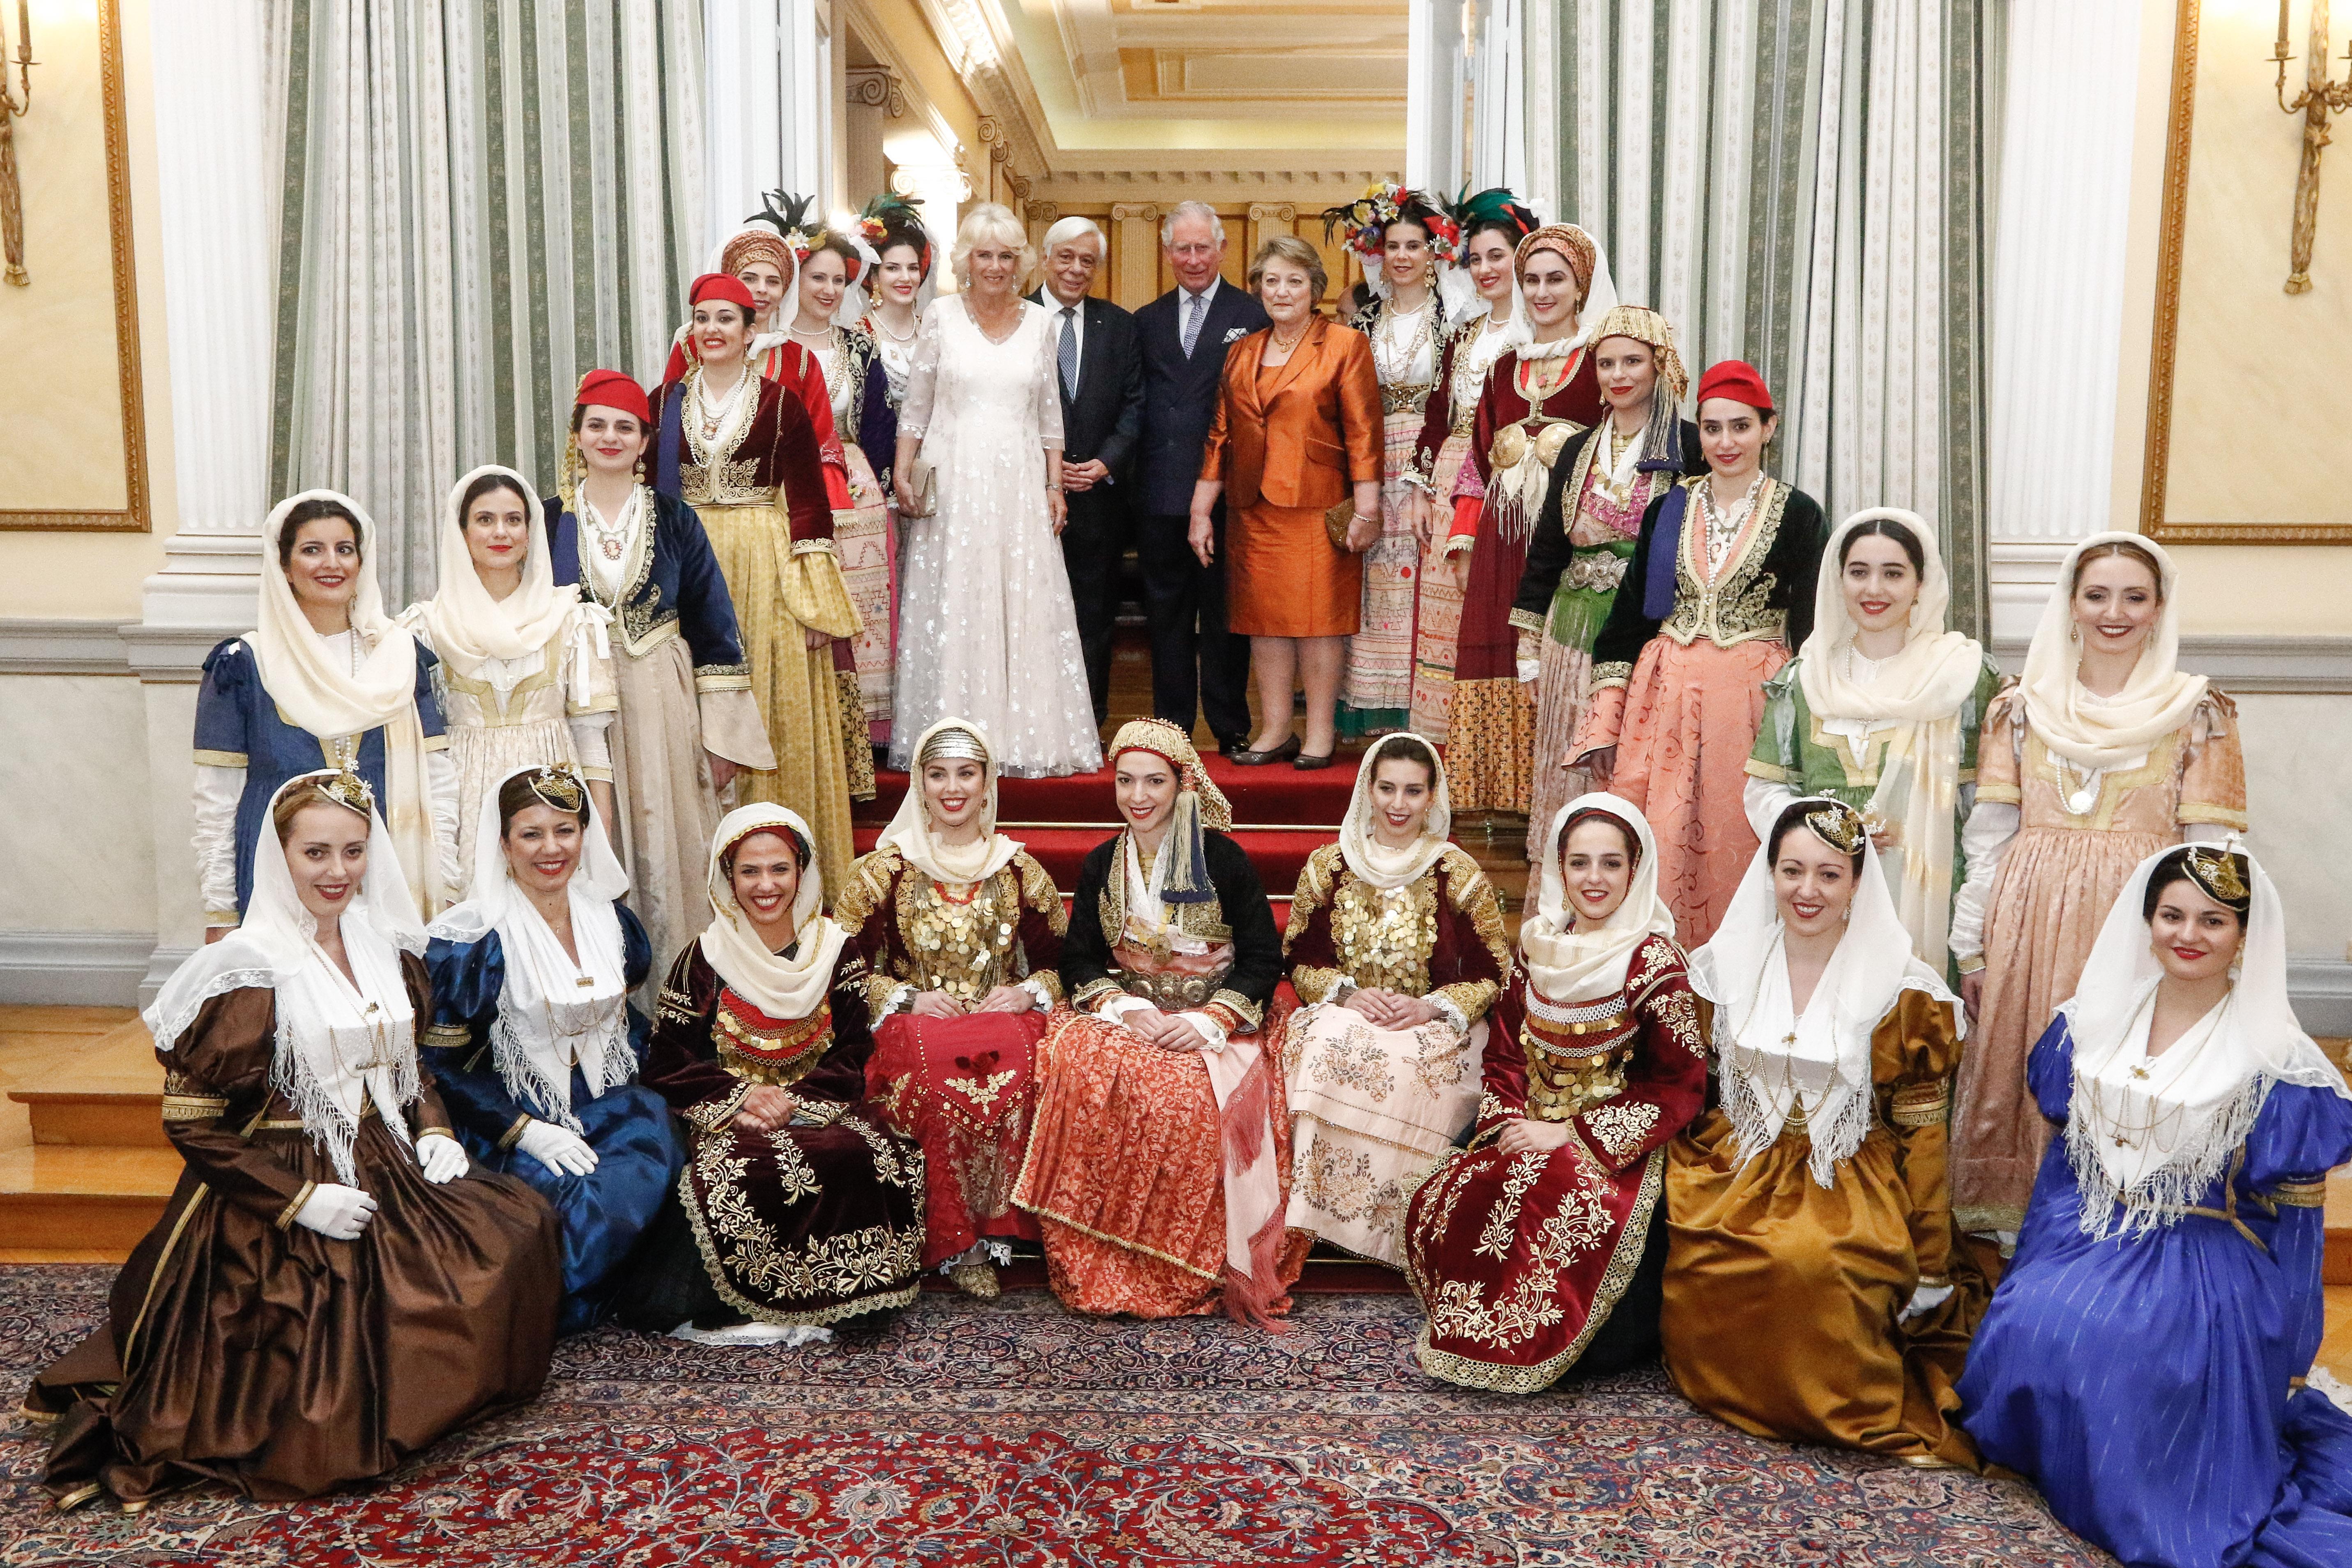 Πρίγκιπας Κάρολος – Καμίλα: Το επίσημο δείπνο προς τιμήν τους στο Προεδρικό Μέγαρο – Φωτογραφίες | tlife.gr